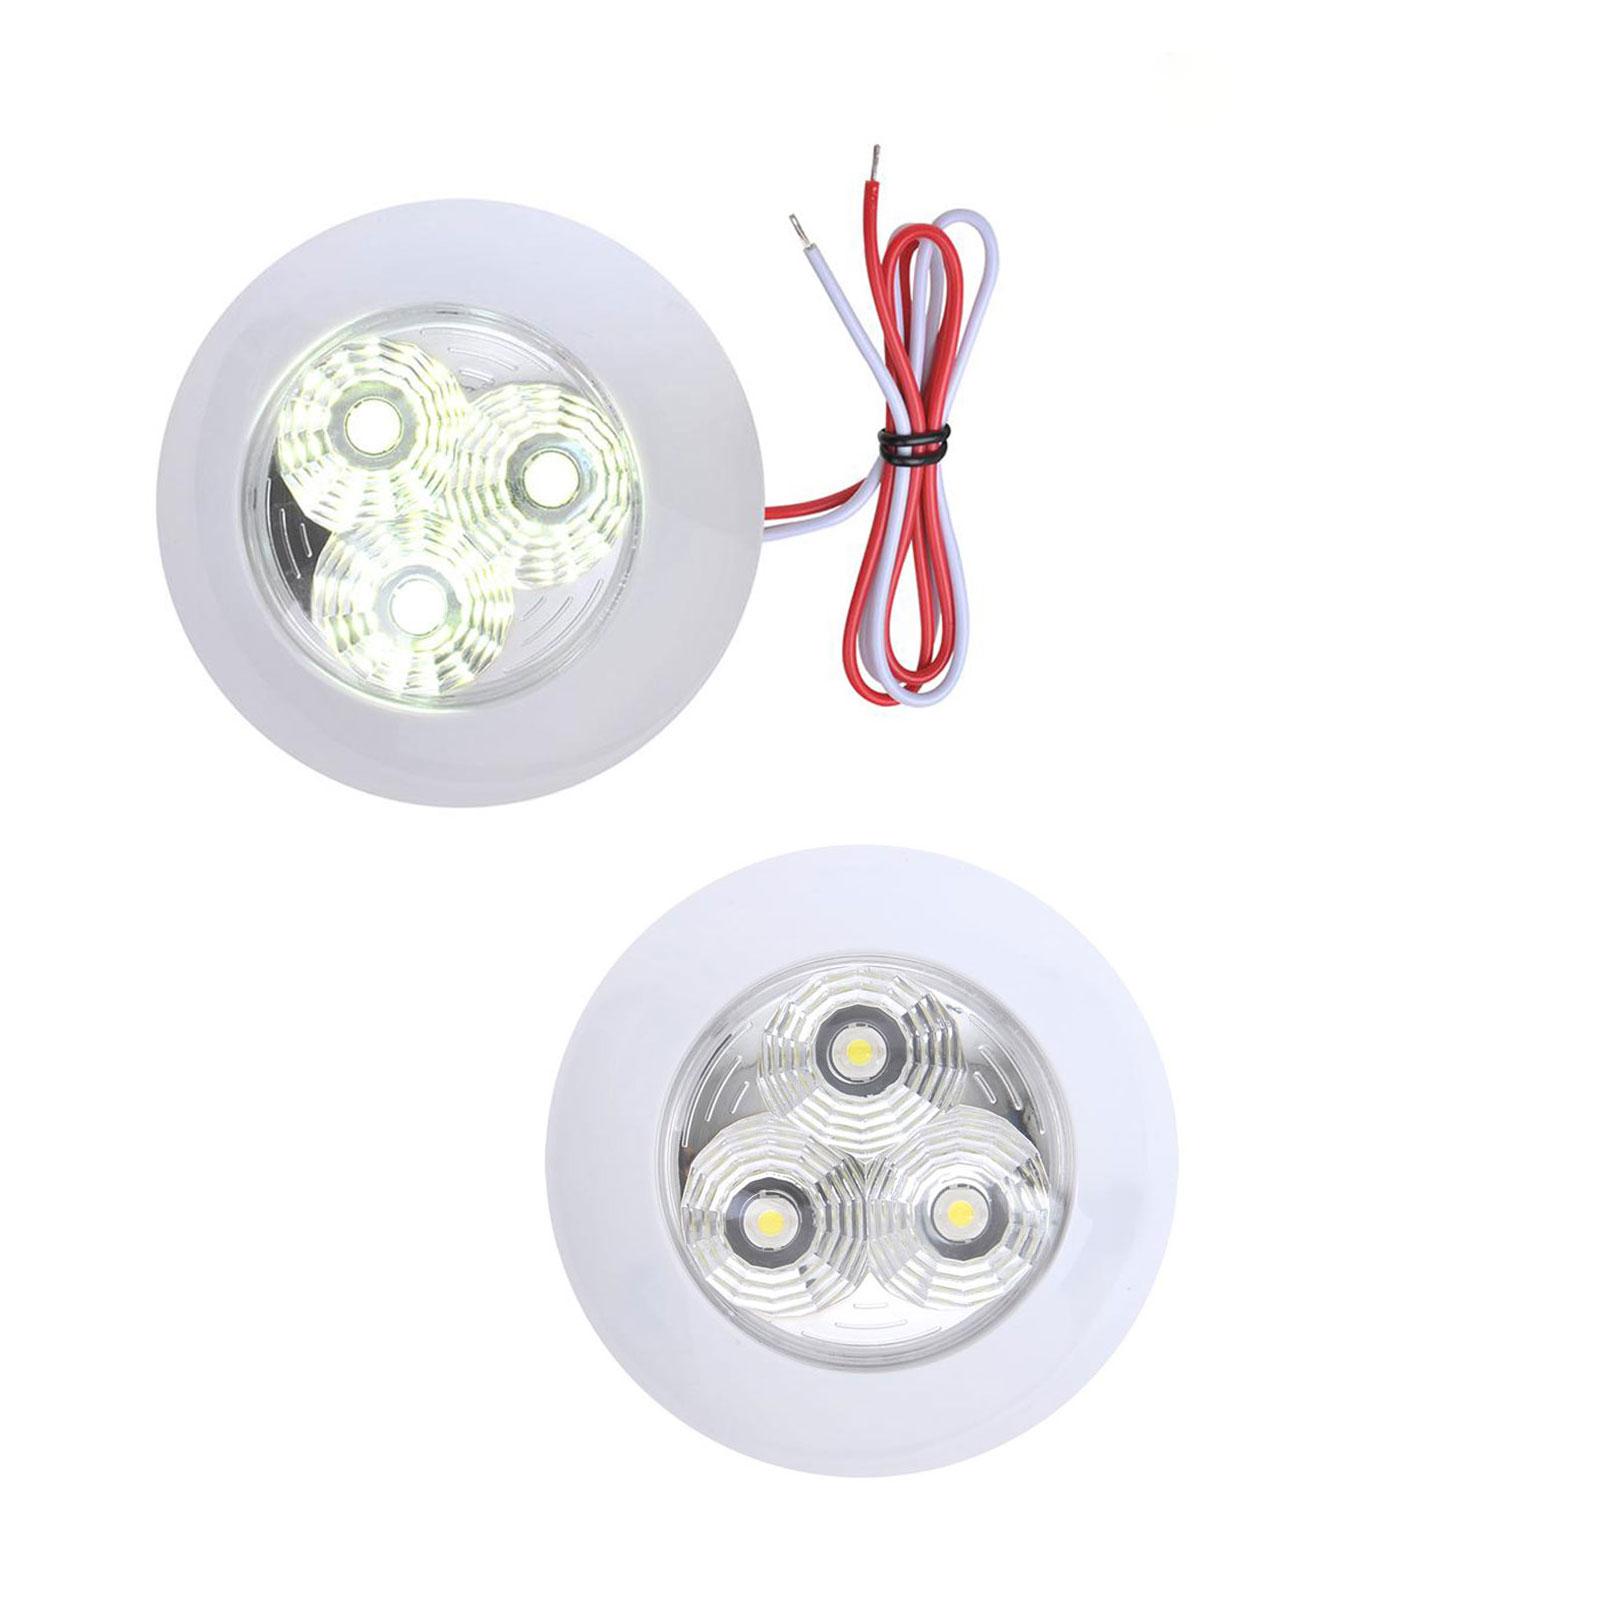 2er Set Deckenleuchte 3 LED 290lm, 12V-2,7W, ø95x25mm